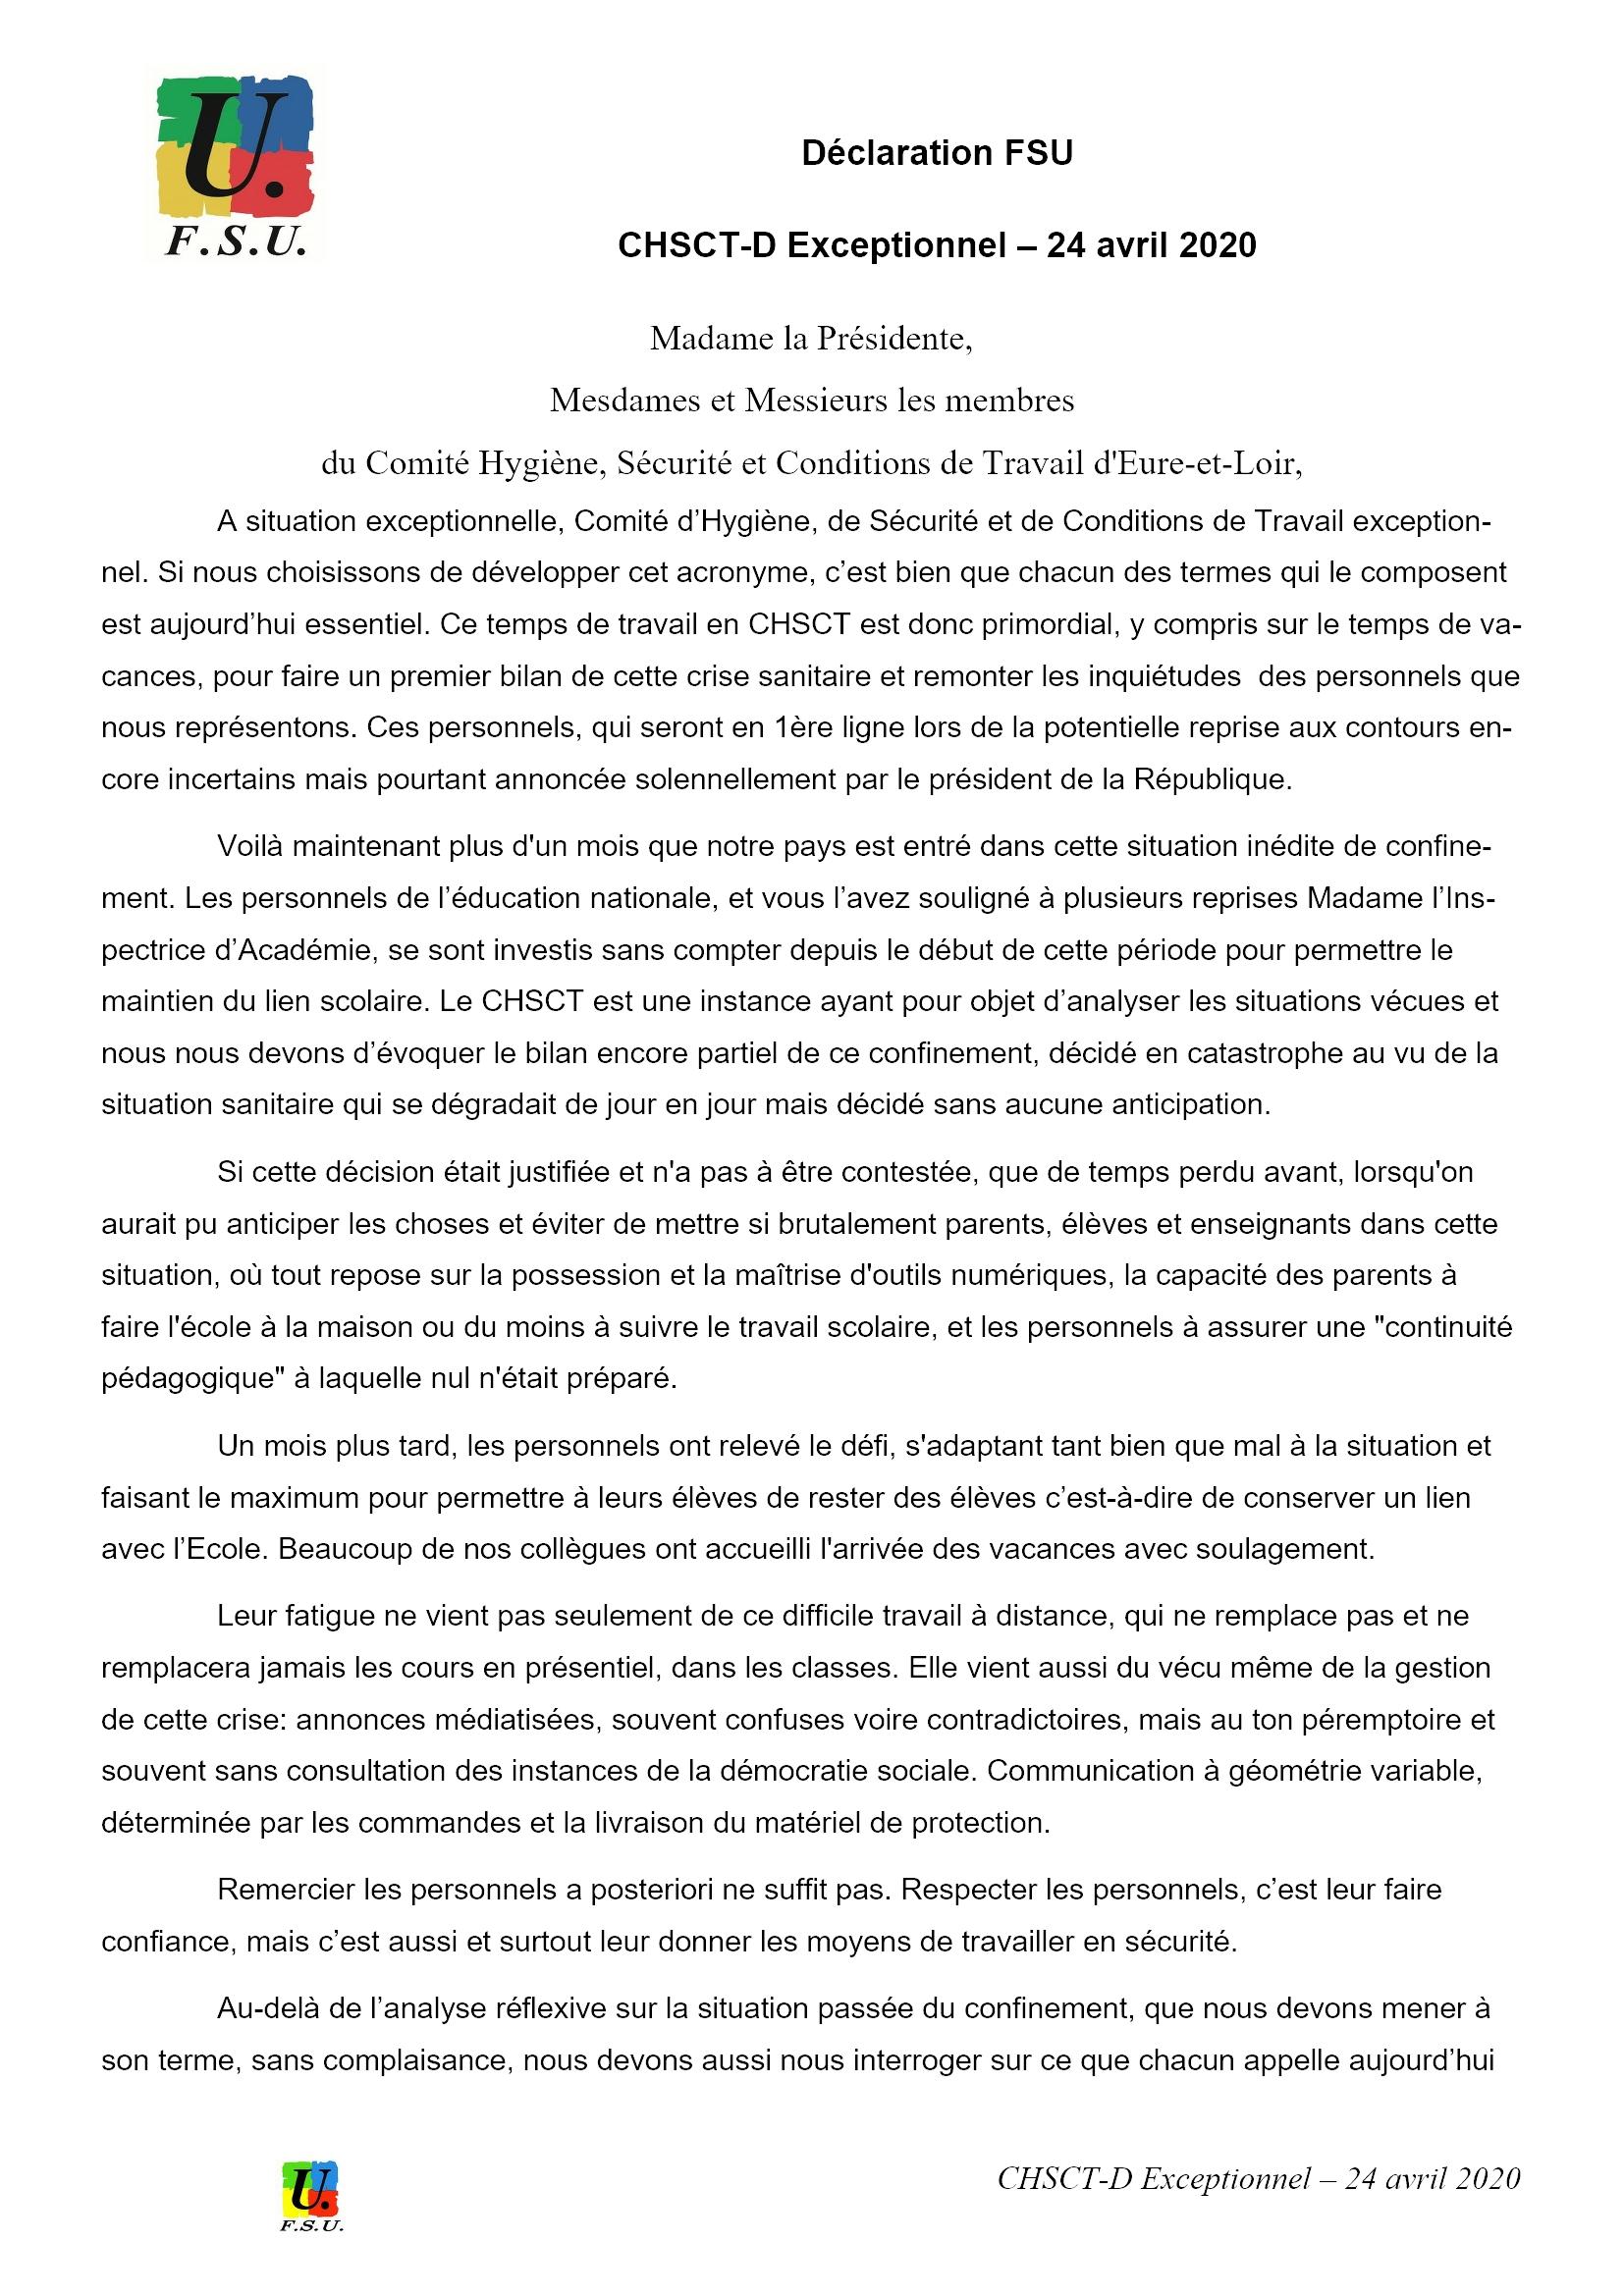 Éducation CHSCT-E&L 24-04-2020 Déclaration FSU 1x3